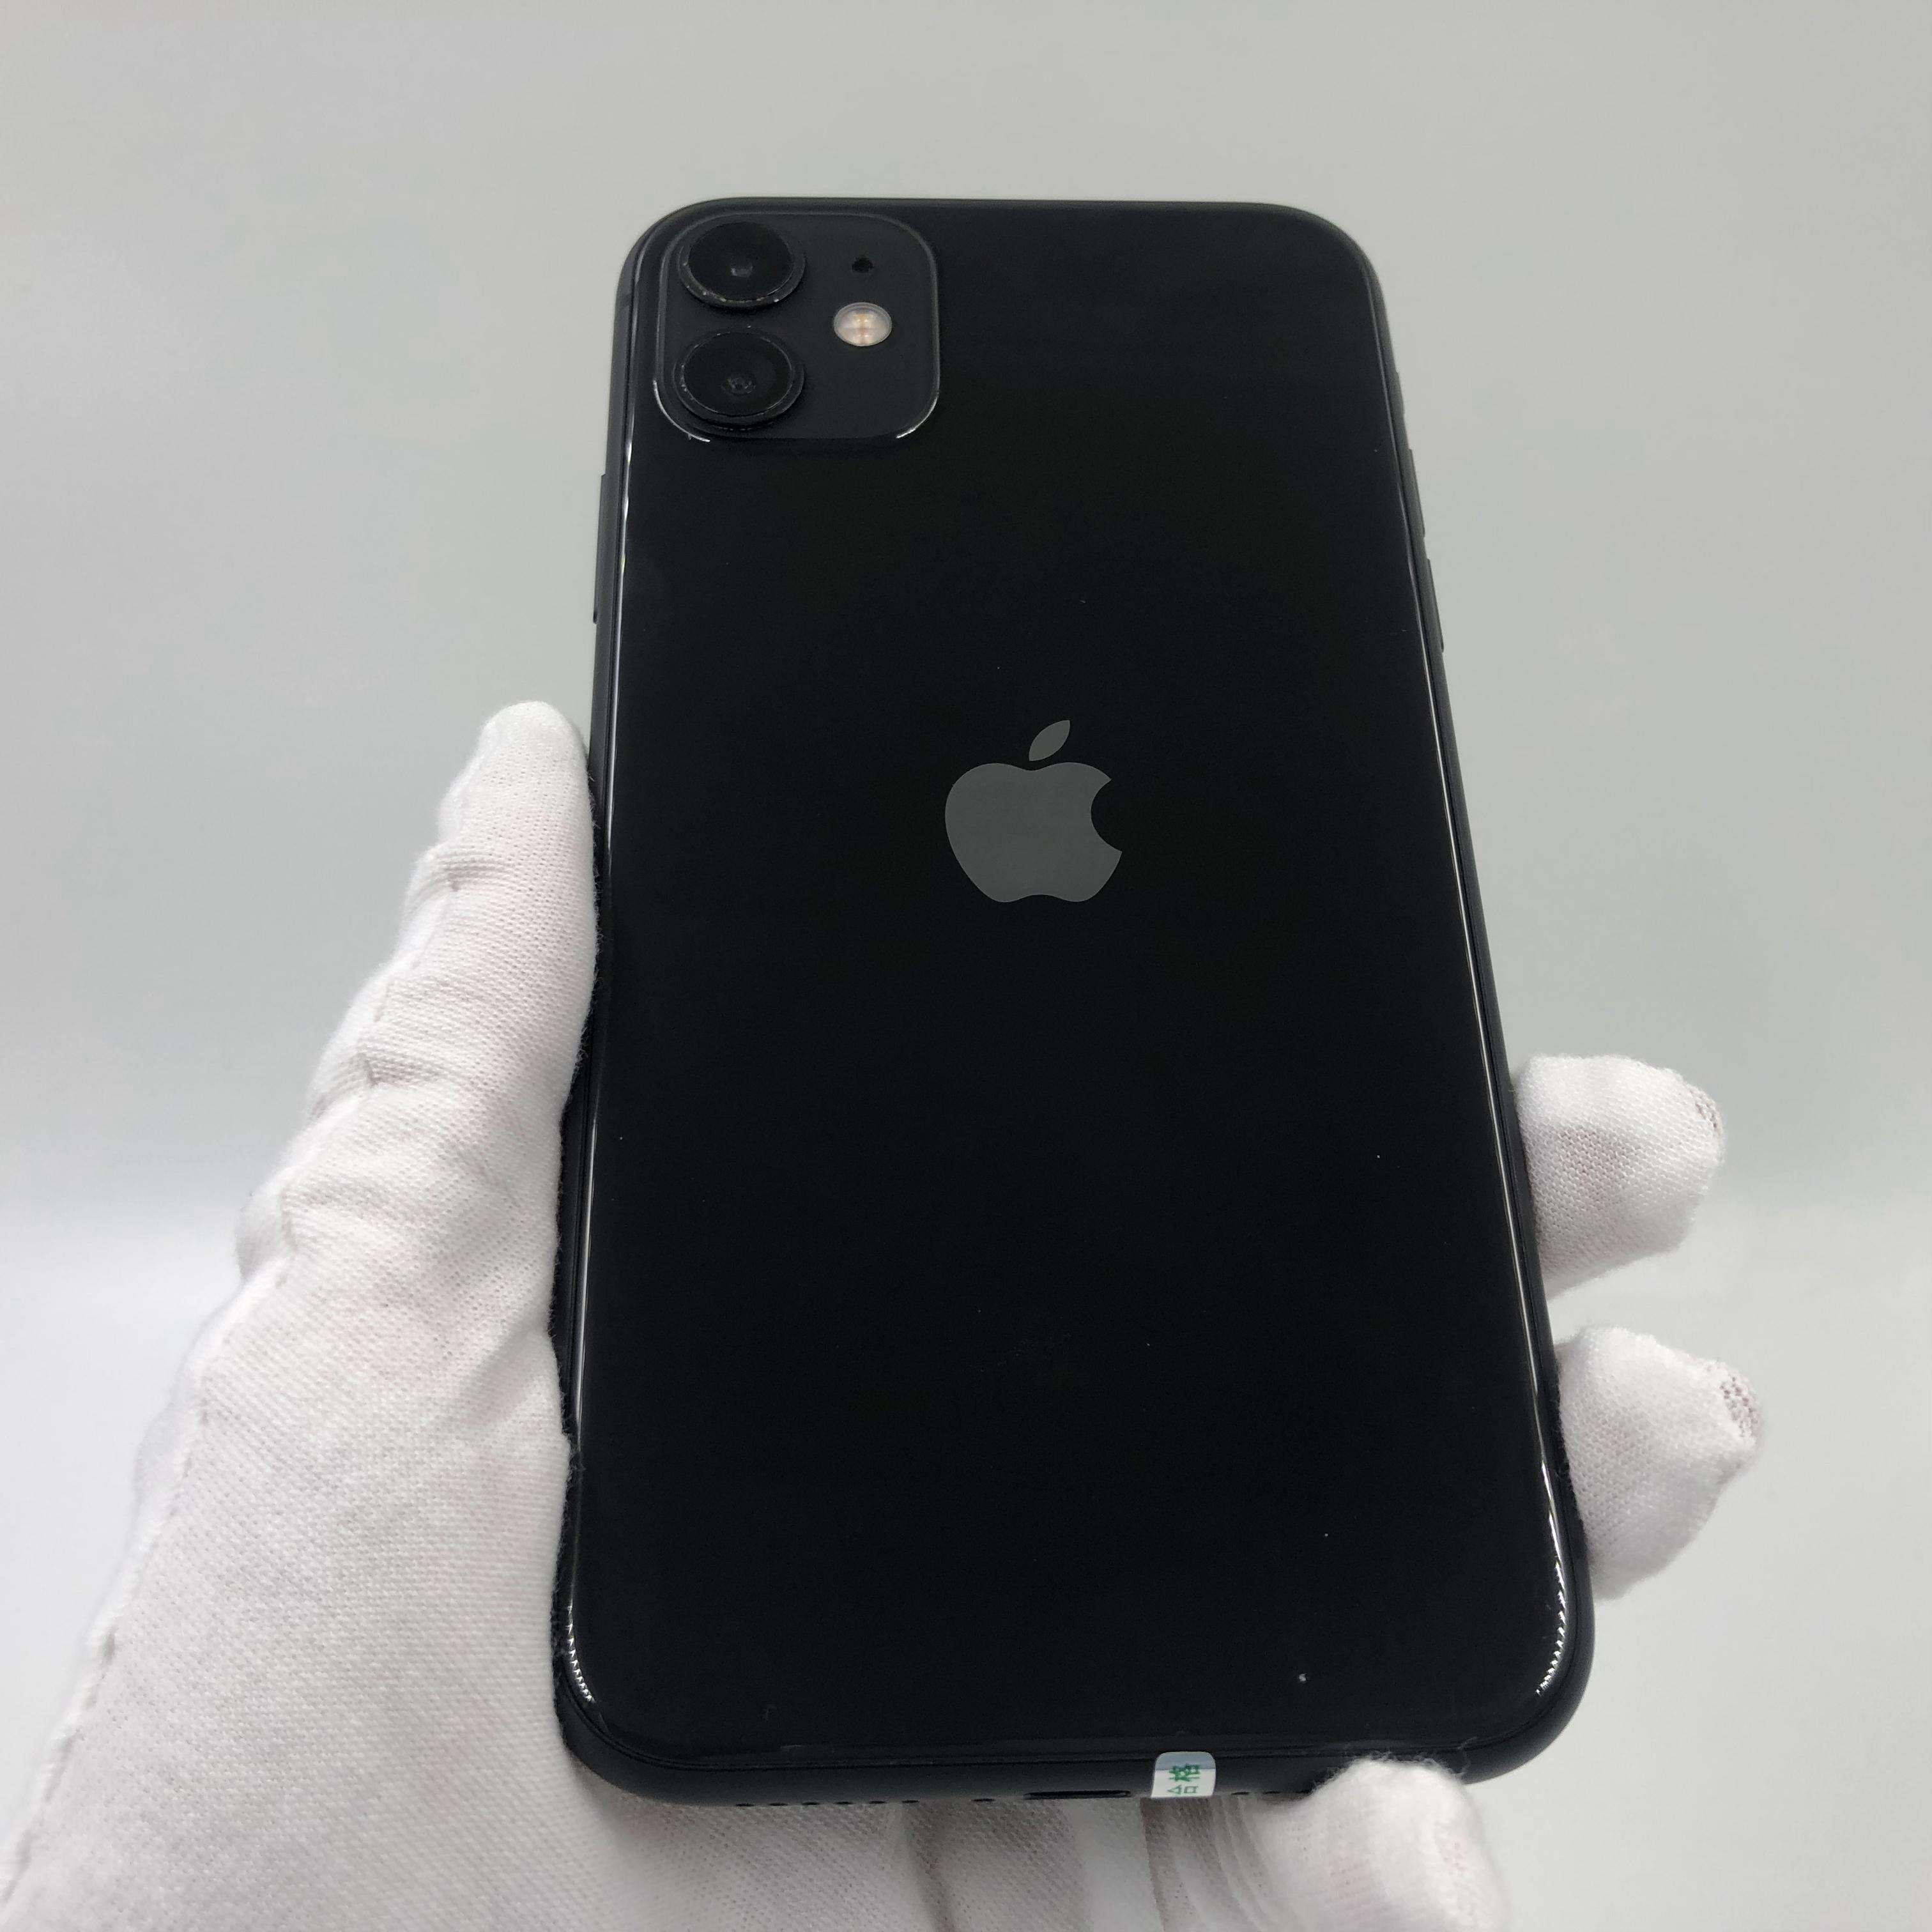 苹果【iPhone 11】4G全网通 黑色 128G 国行 9成新 真机实拍